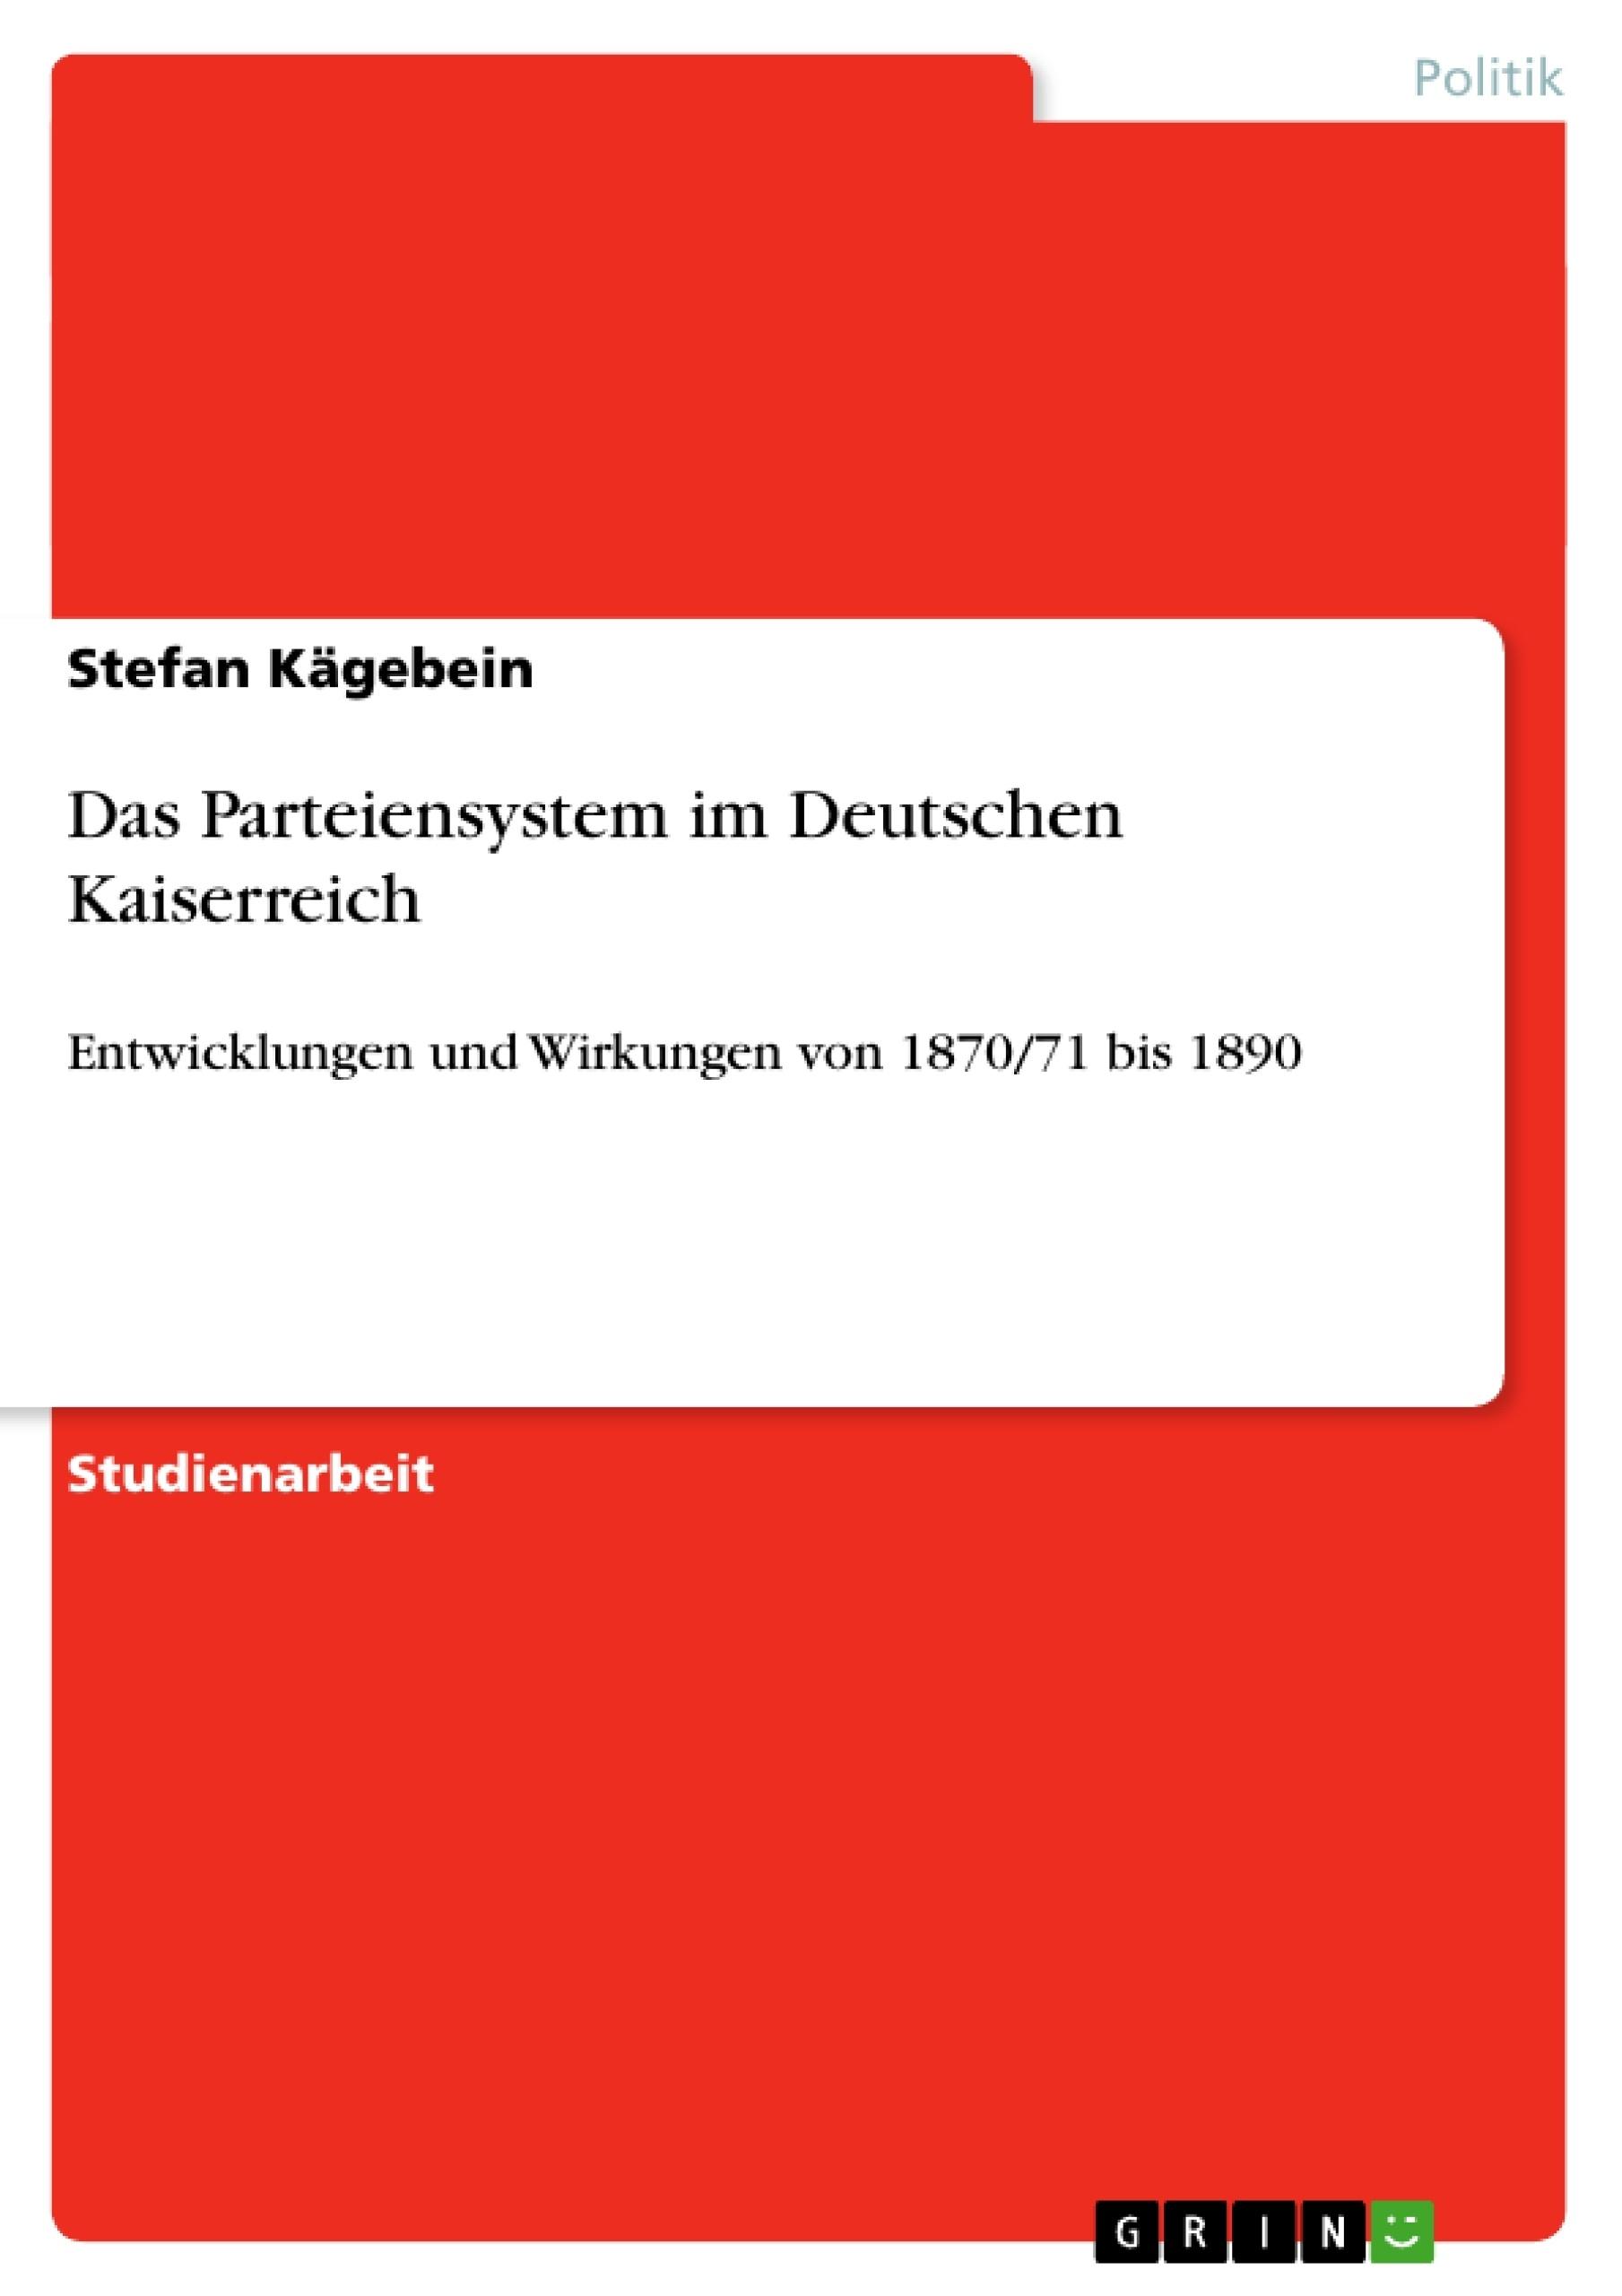 Titel: Das Parteiensystem im Deutschen Kaiserreich